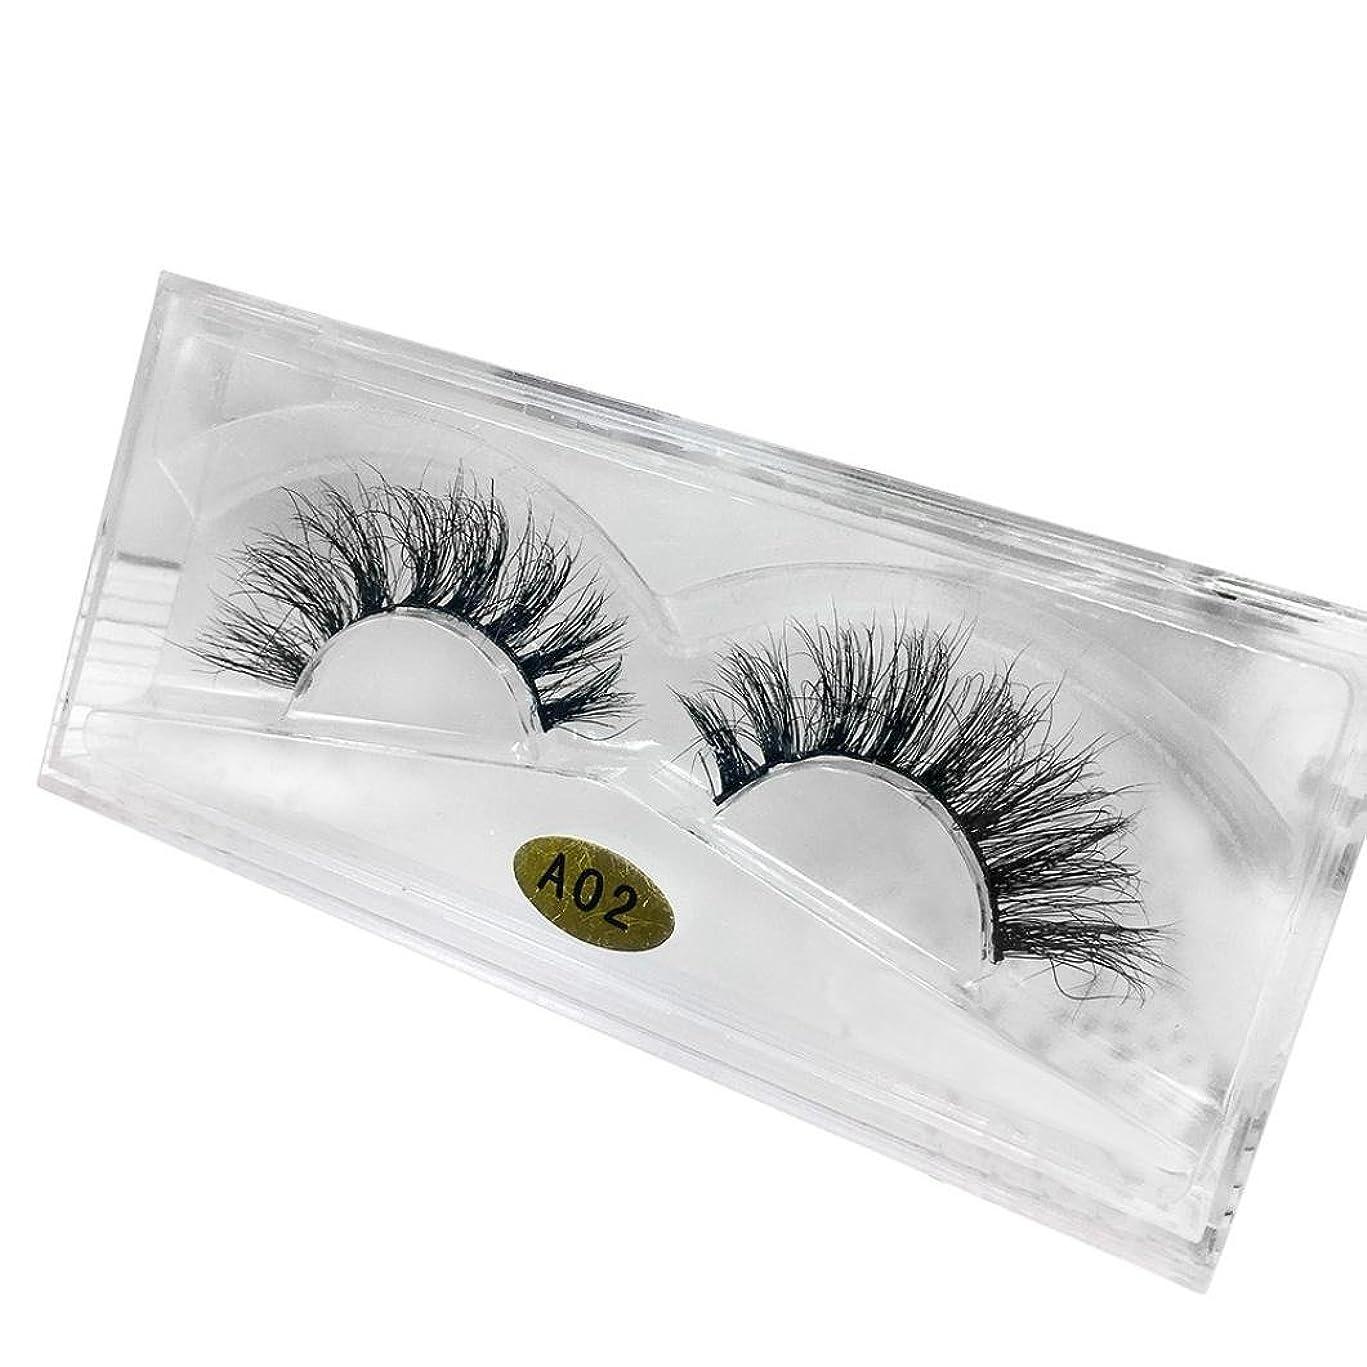 創造私たちのもの嵐が丘Feteso 1ペア つけまつげ 上まつげ 3D Eyelashes アイラッシュ ビューティー まつげエクステ レディース 化粧ツール アイメイクアップ 人気 ナチュラル ふんわり 装着簡単 綺麗 濃密